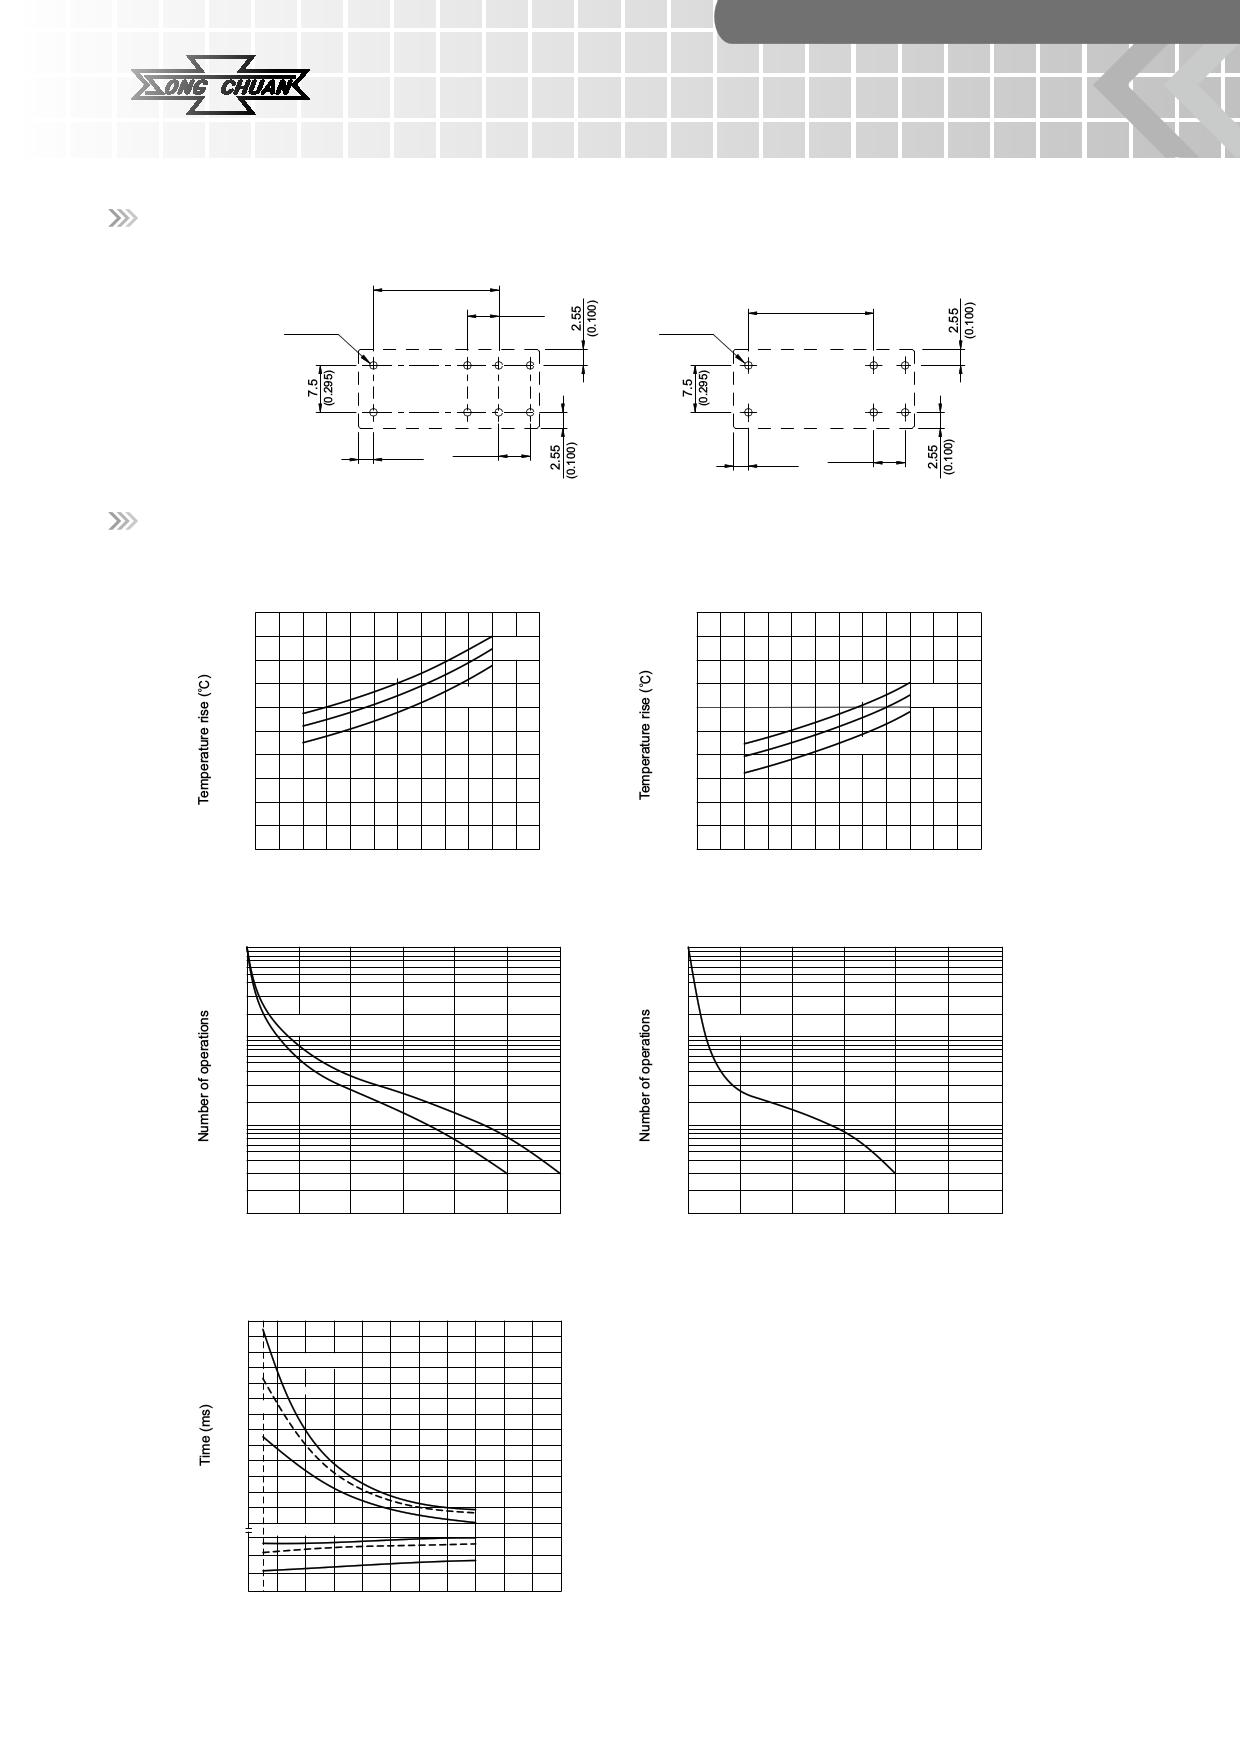 894-2ACA2-F-C 電子部品, 半導体